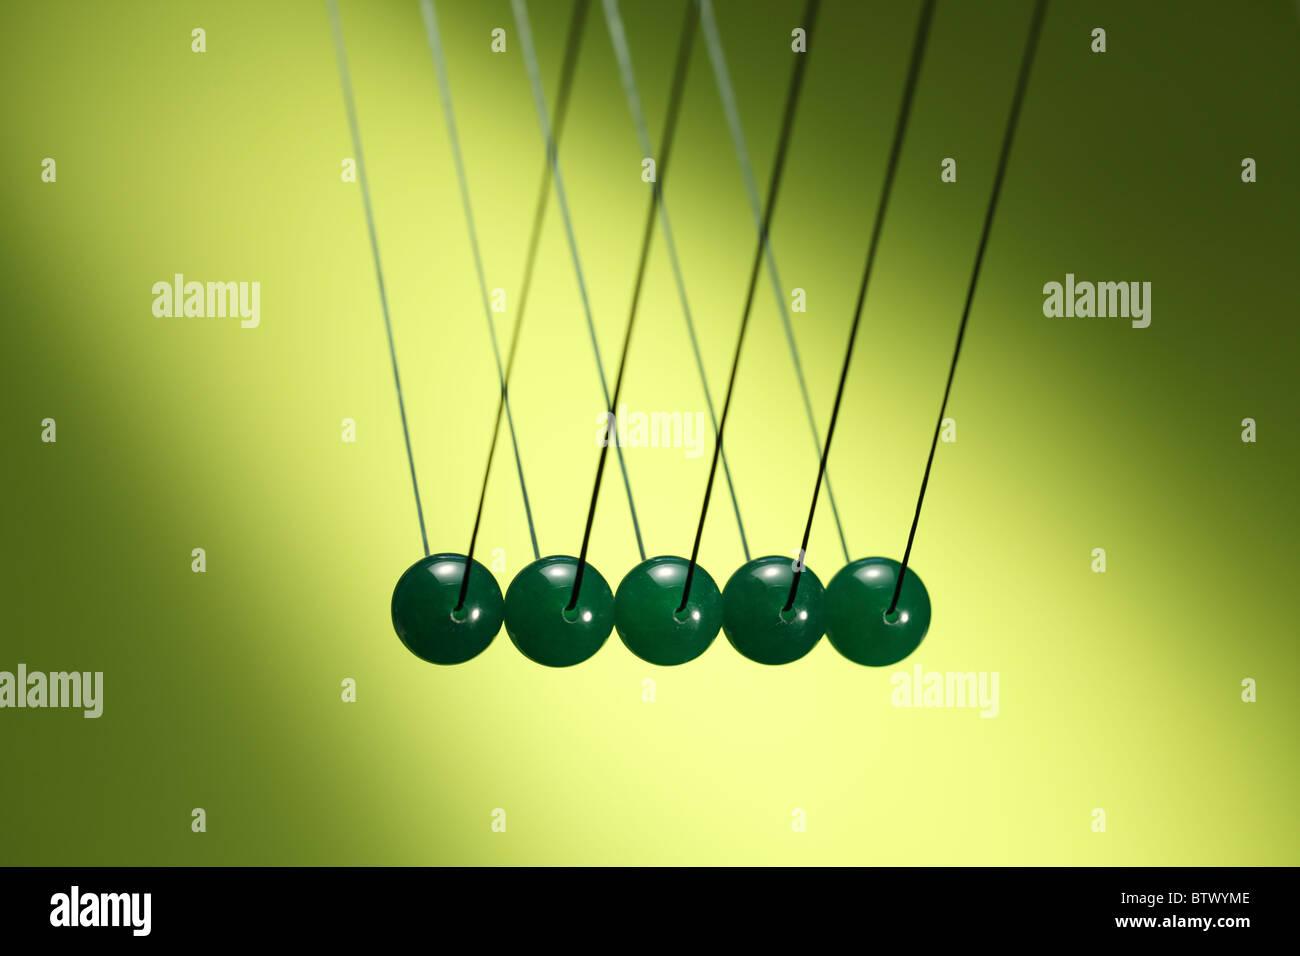 Cinco verdes canicas en fila colgando de la cadena. Ilustra Newton's cradle, un dispositivo que demuestra la Imagen De Stock